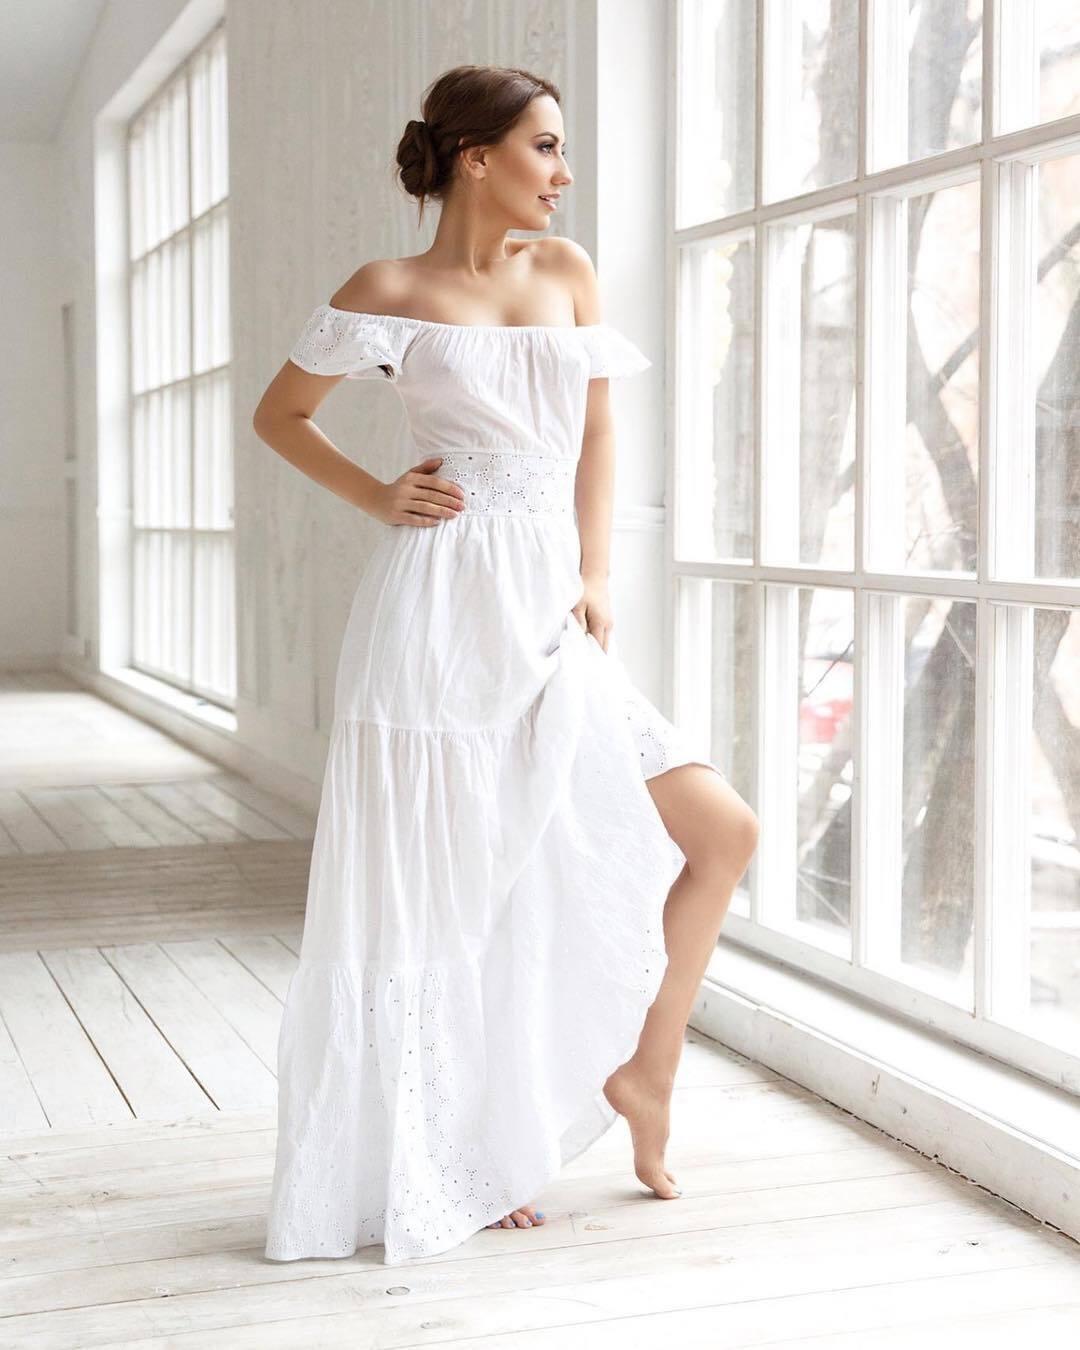 Элеонора Хабибулина в белом платье